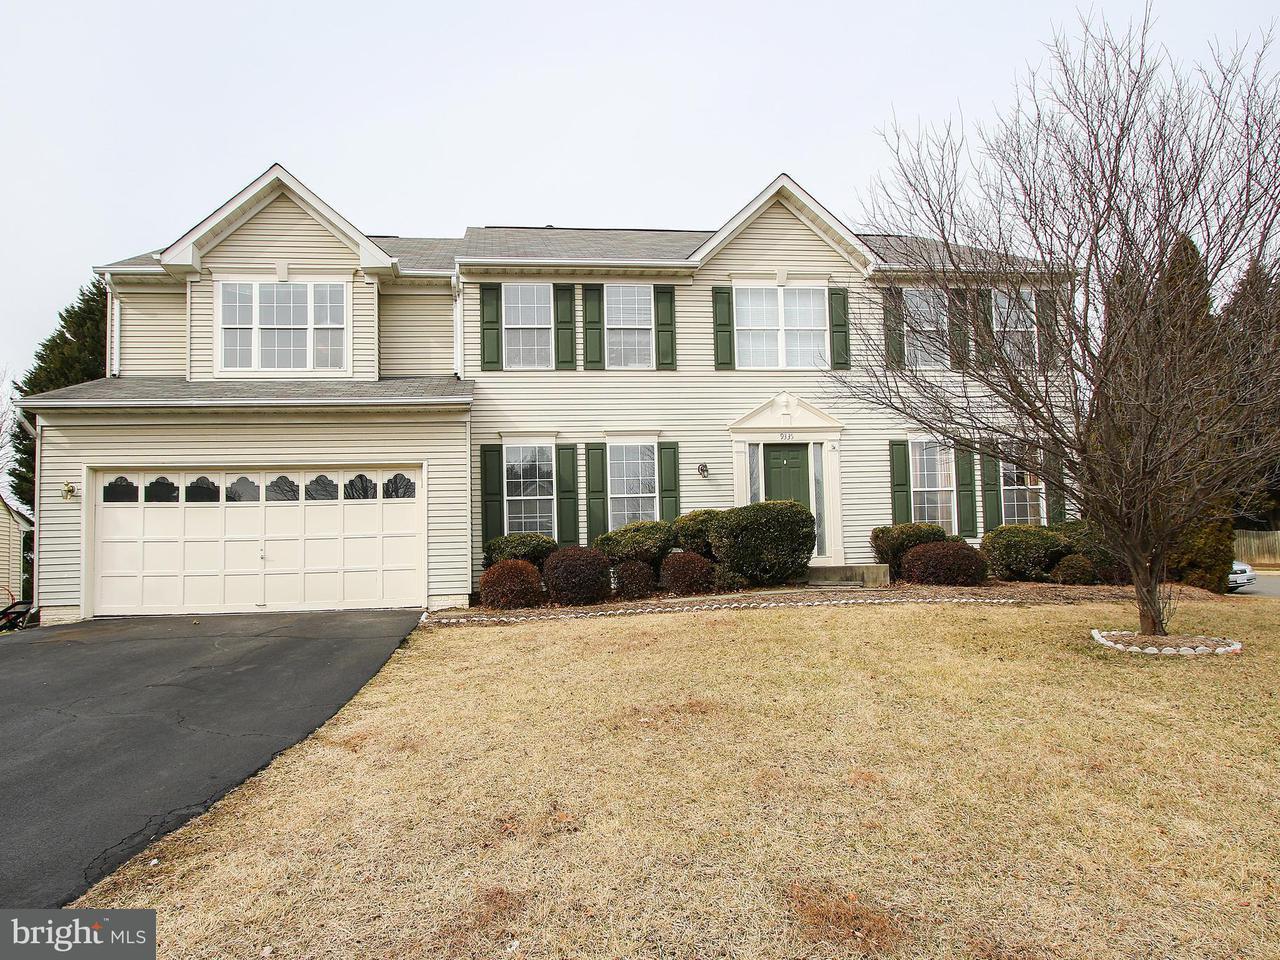 단독 가정 주택 용 매매 에 9335 Whitt Drive 9335 Whitt Drive Manassas Park, 버지니아 20111 미국